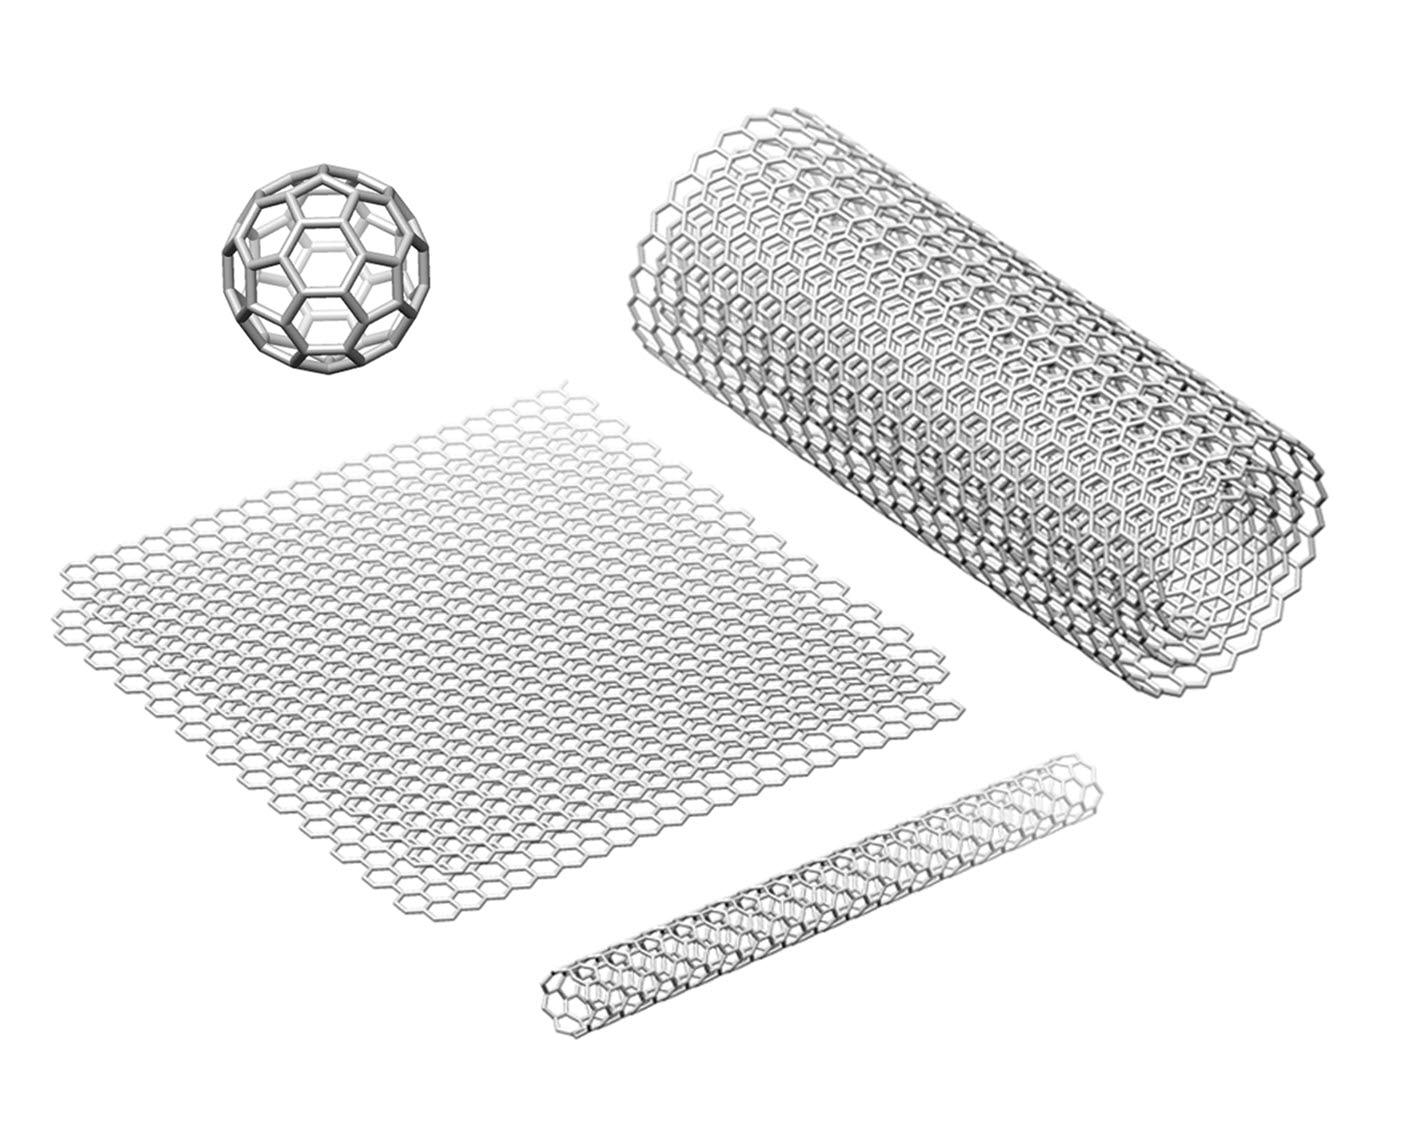 Graphene, Fullerene, Nanotube